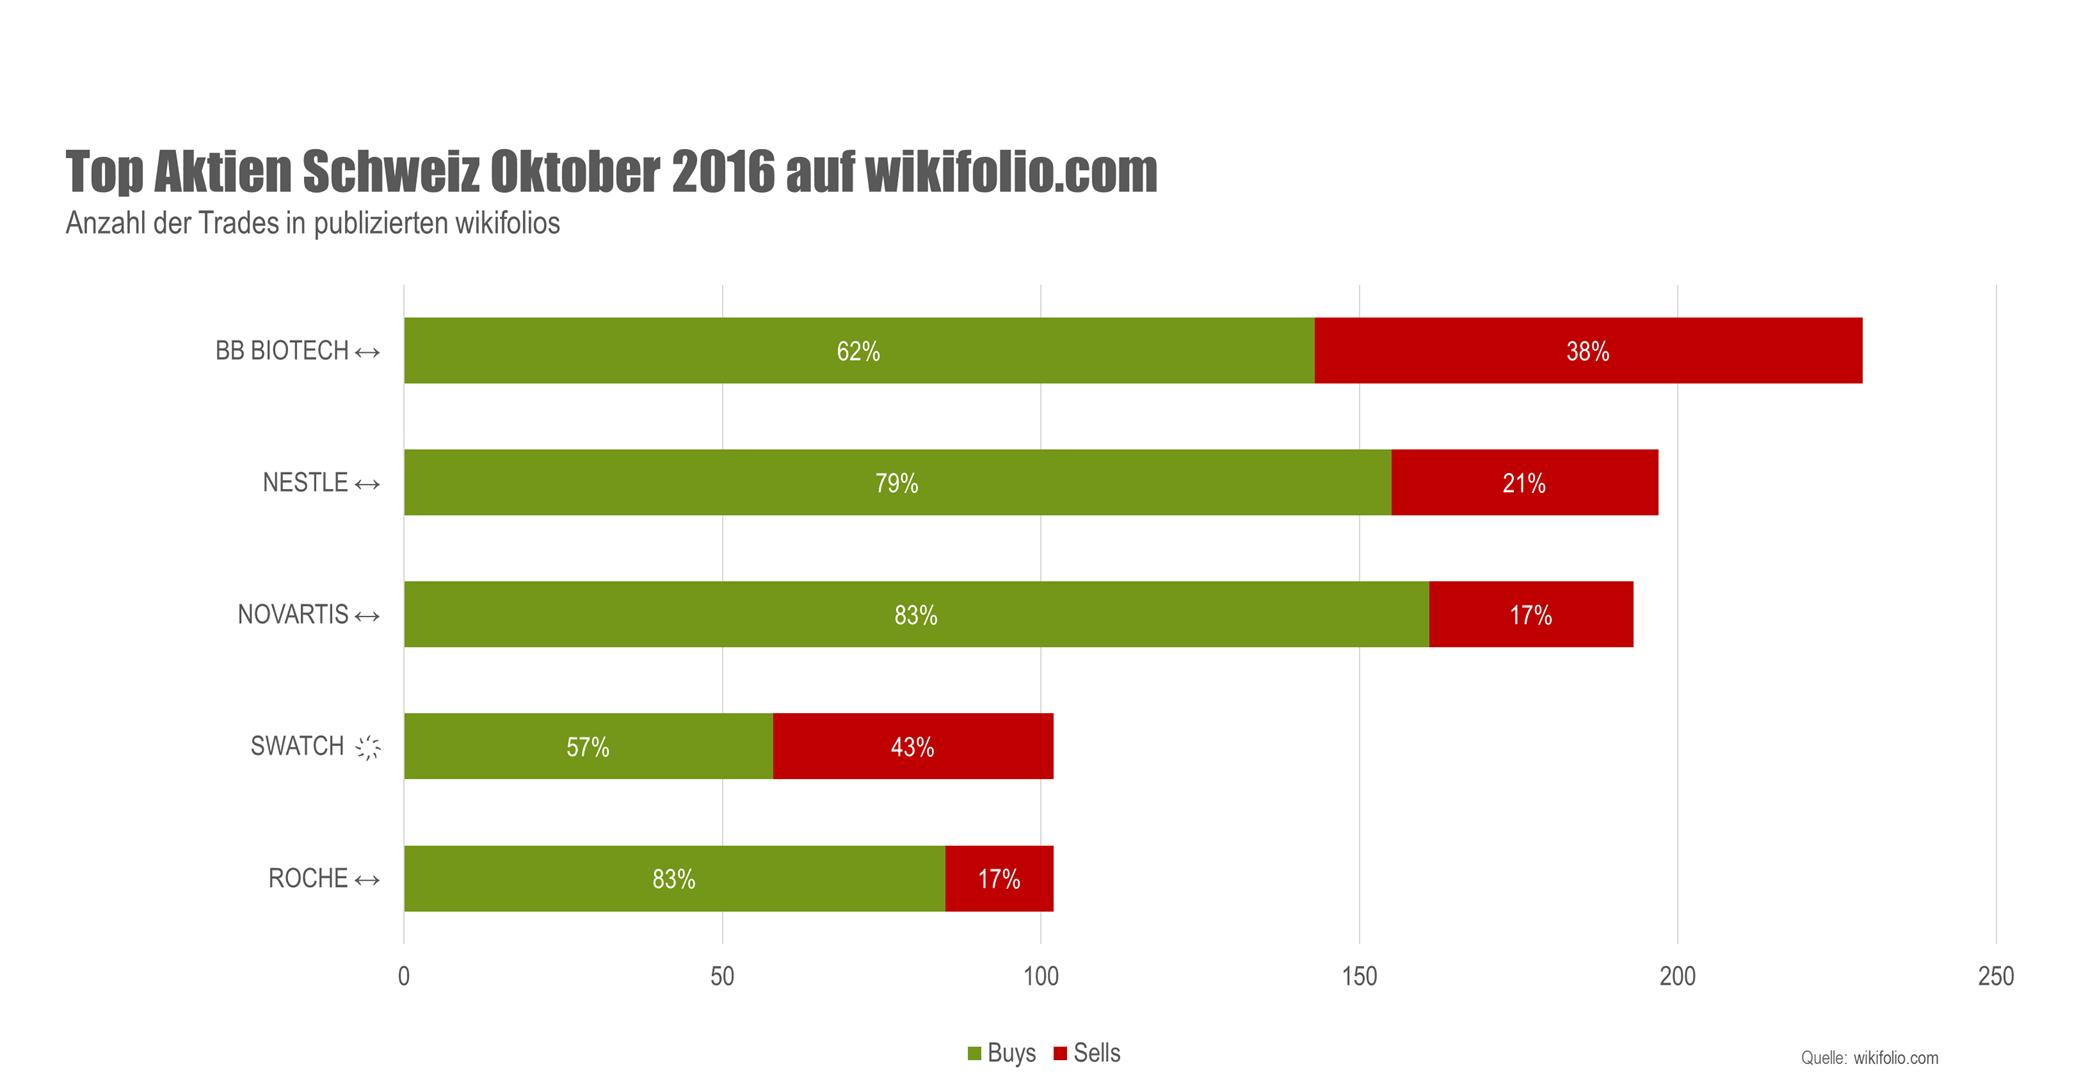 Top-5-Aktien Schweiz Oktober